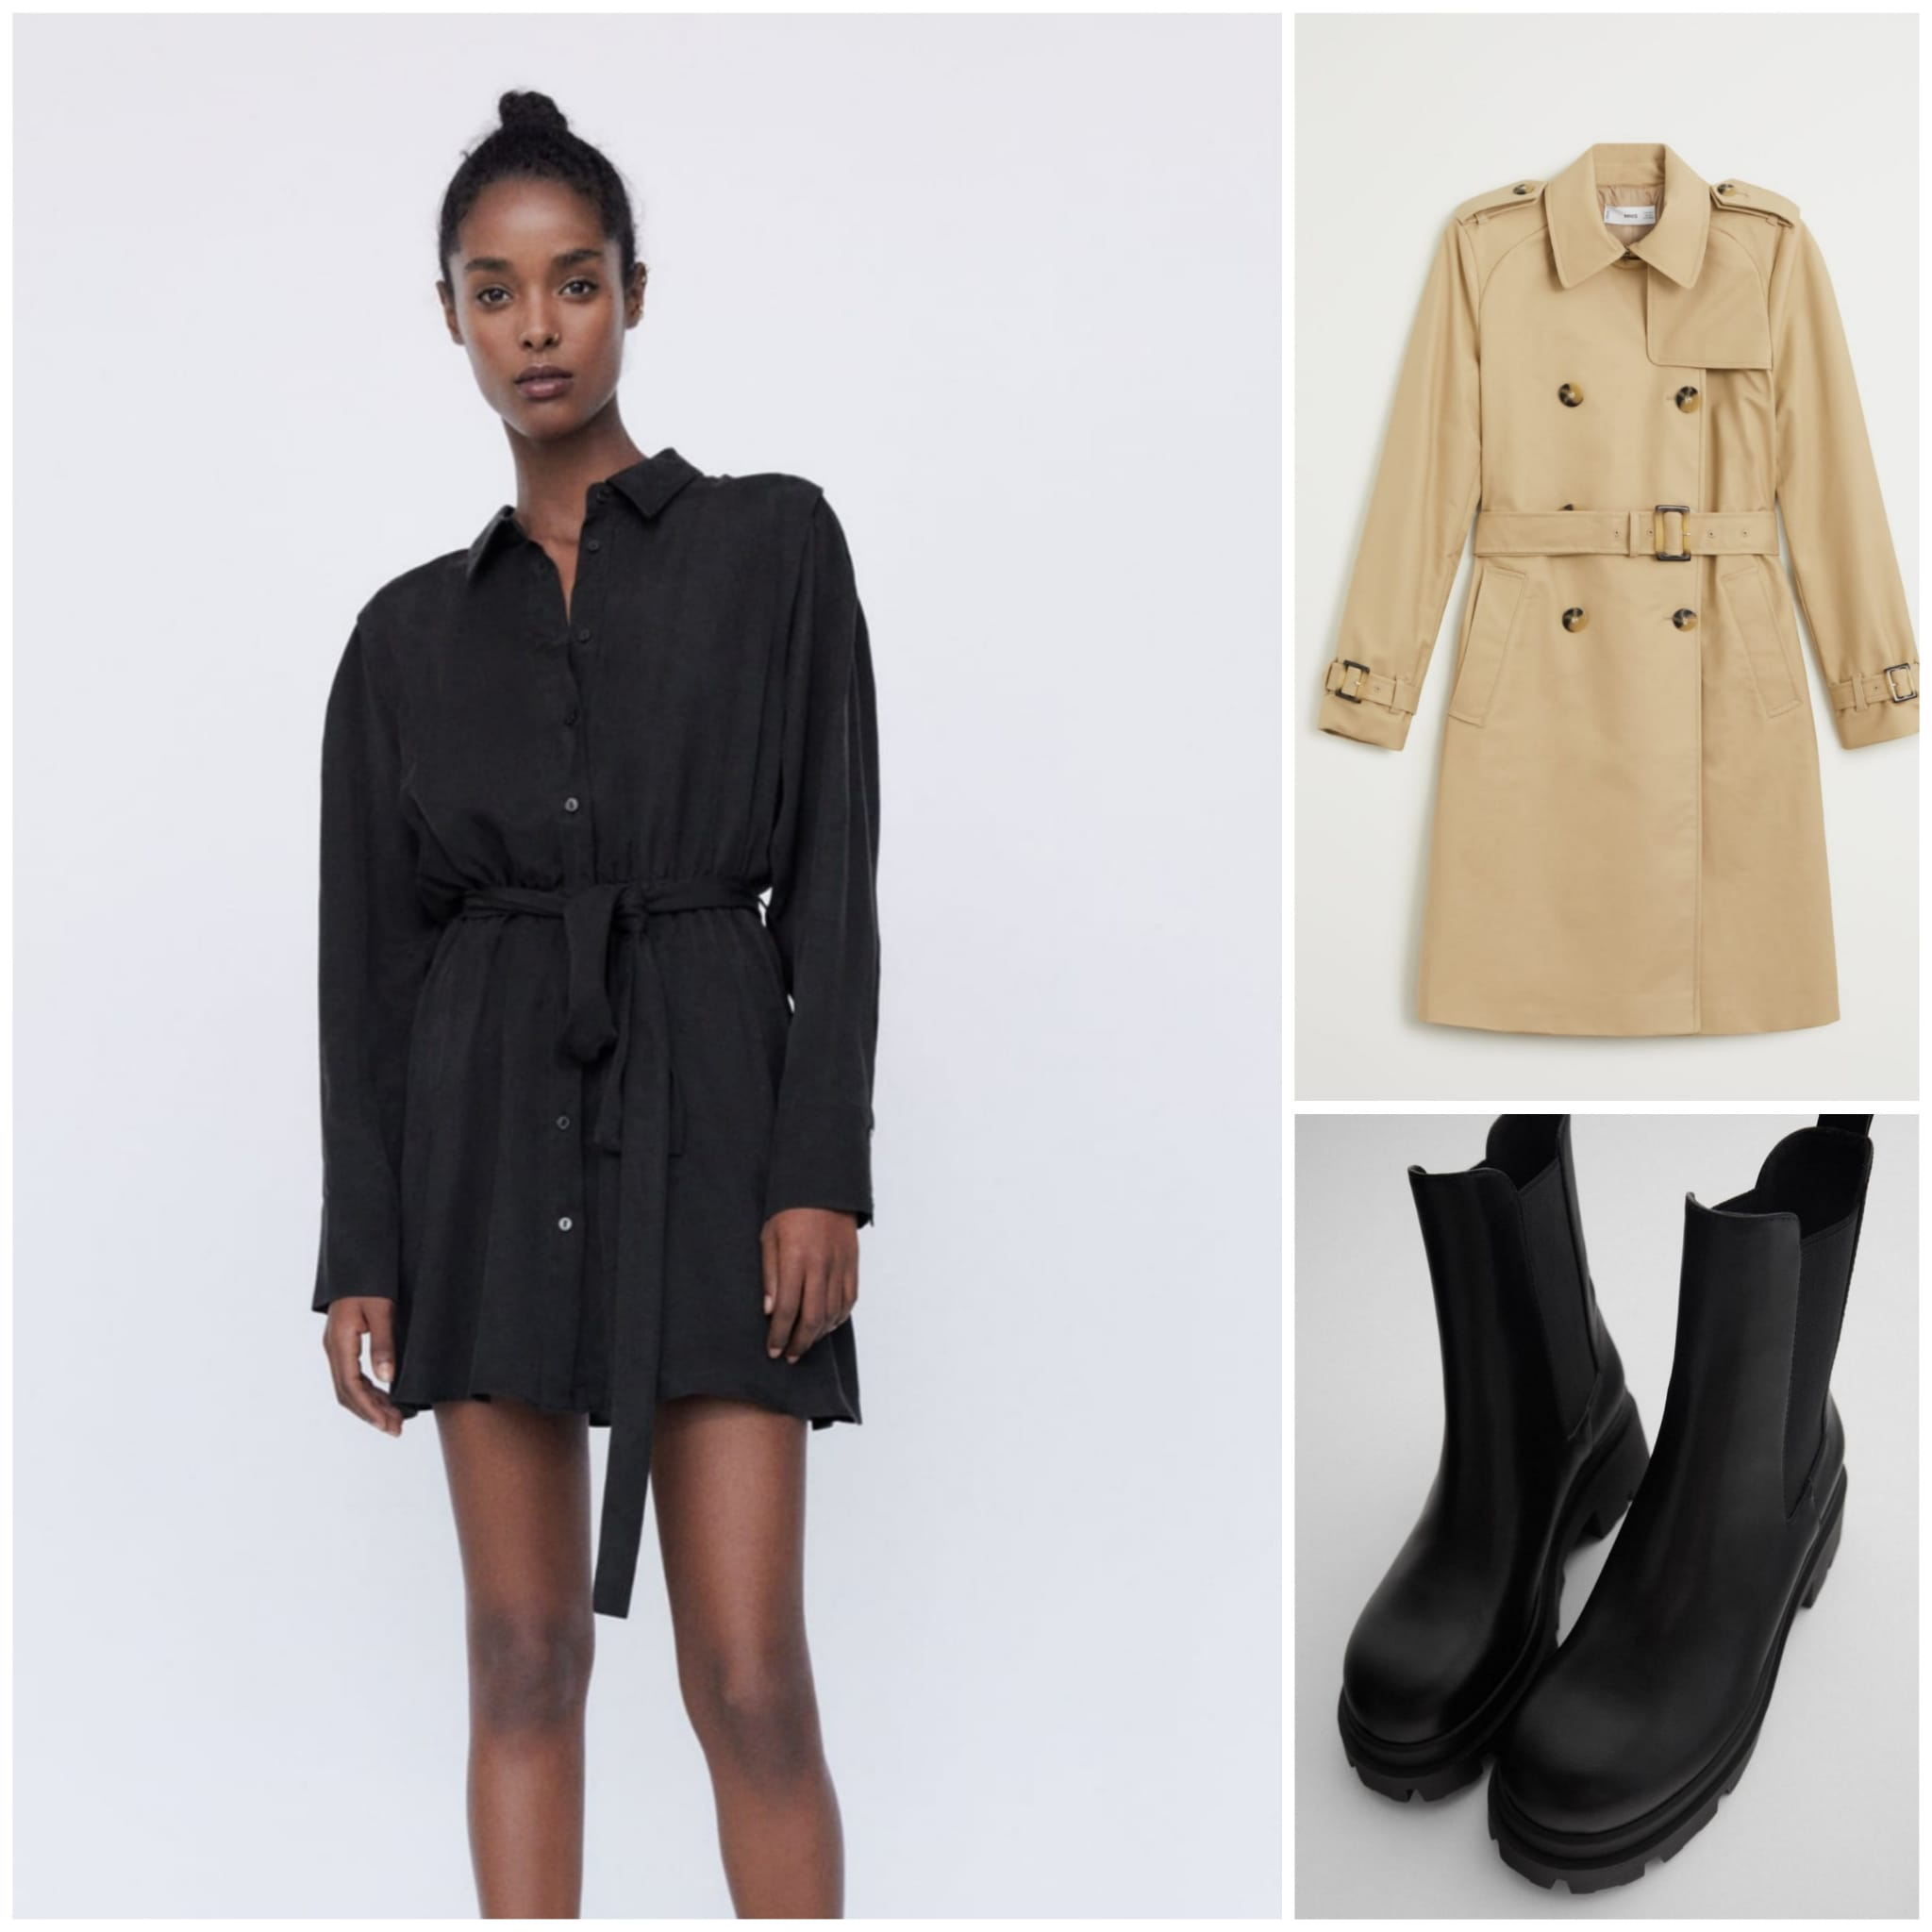 Vestido camisero con lazada negro, en Zara Botas track negras, de Zara Trench clásico color beis, de Mango